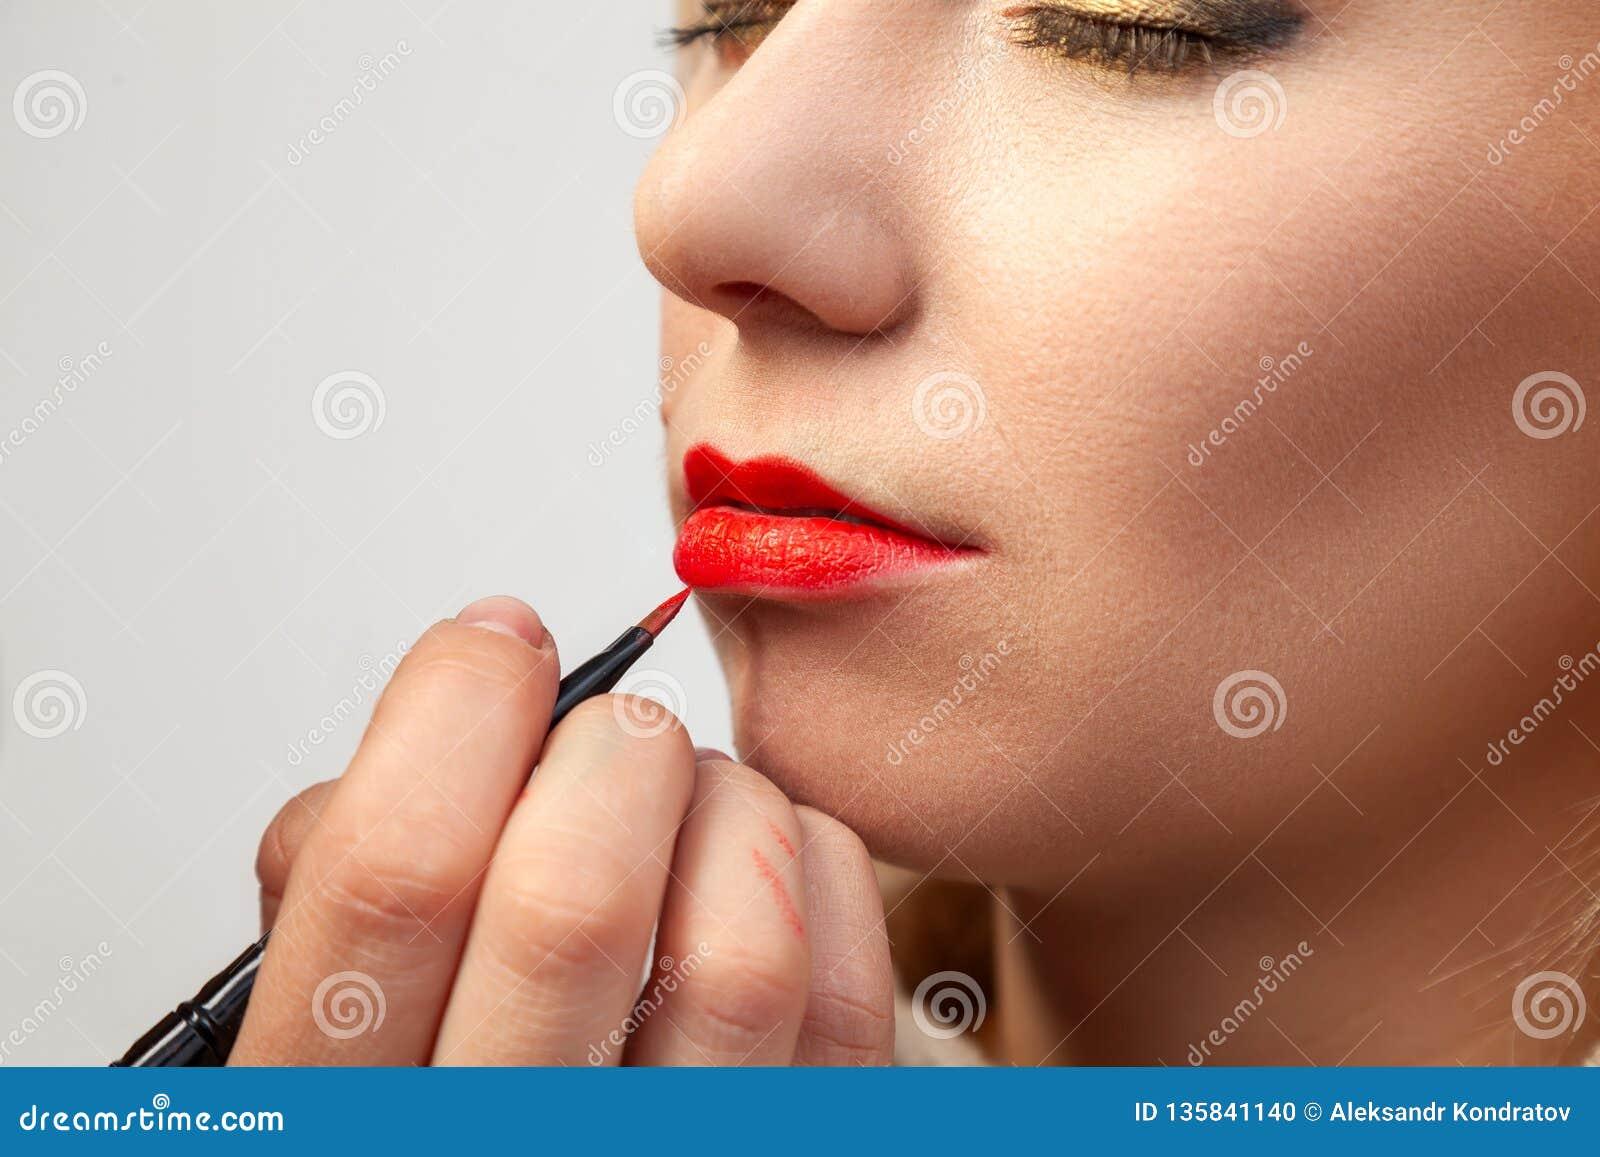 申请在模型的嘴唇的构成特写镜头,化妆师在她的手上拿着一把刷子并且应用红色口红,